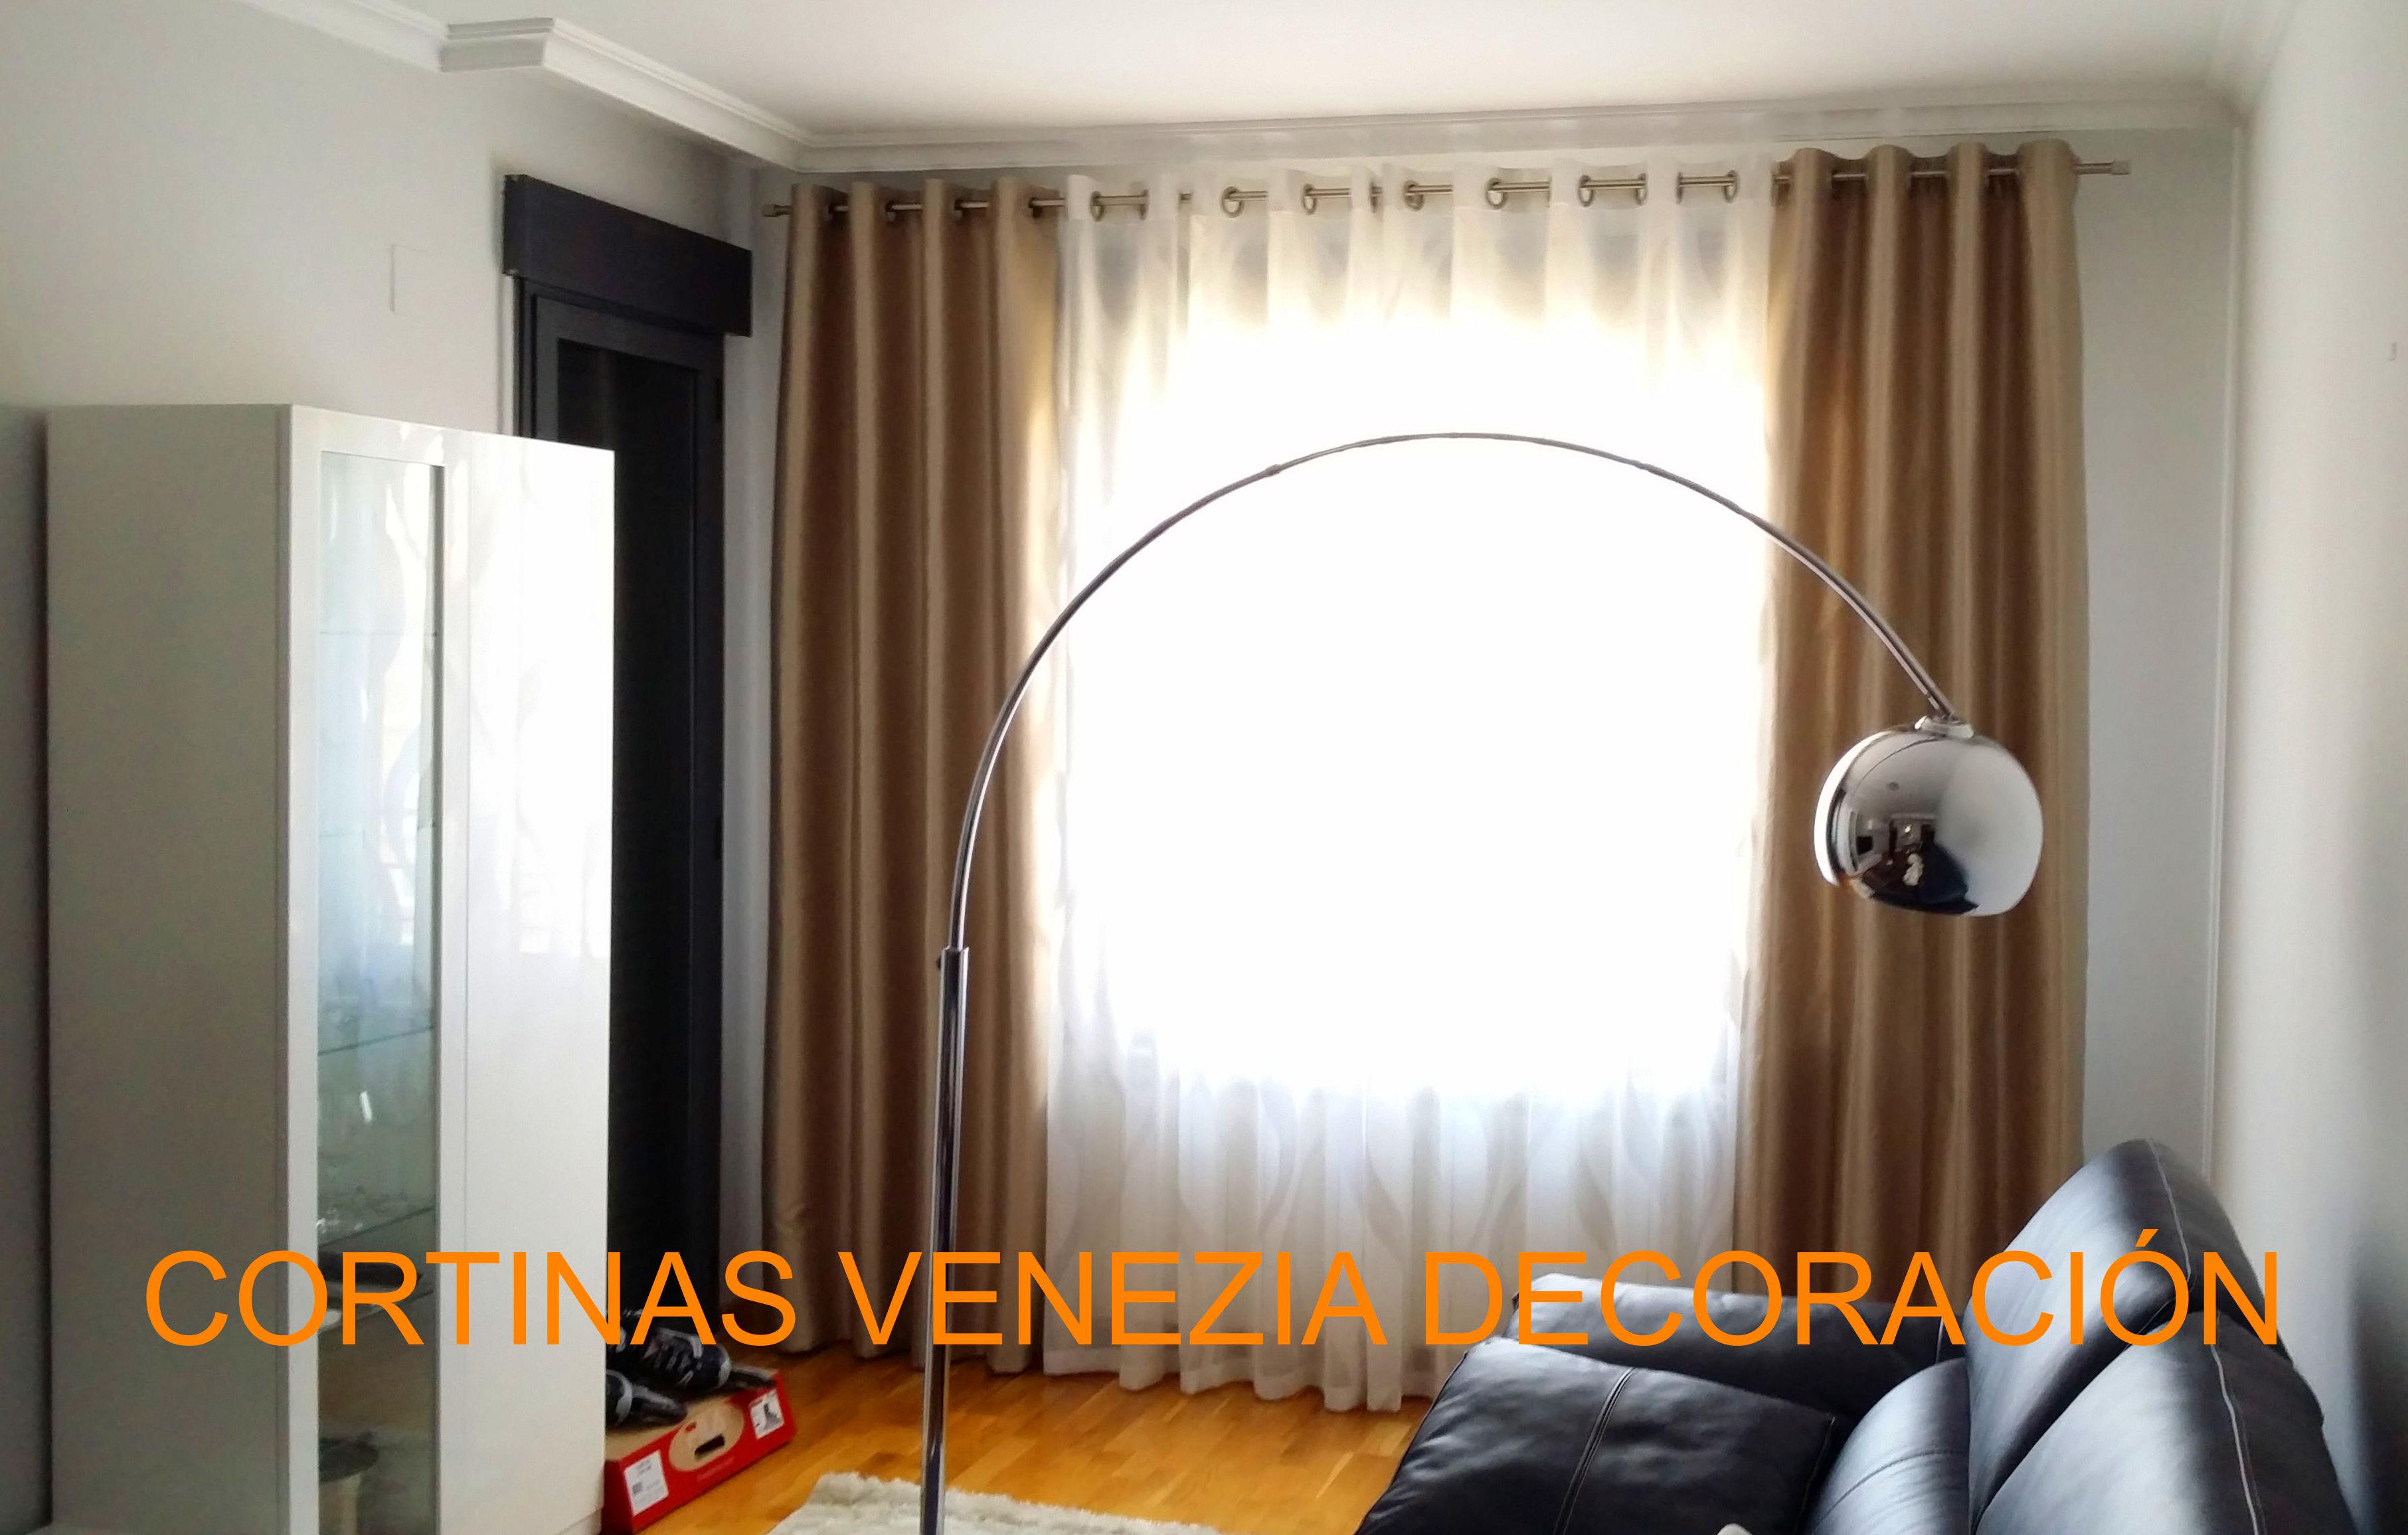 Foto 51 de Cortinas en Albacete | Venezia Decoración